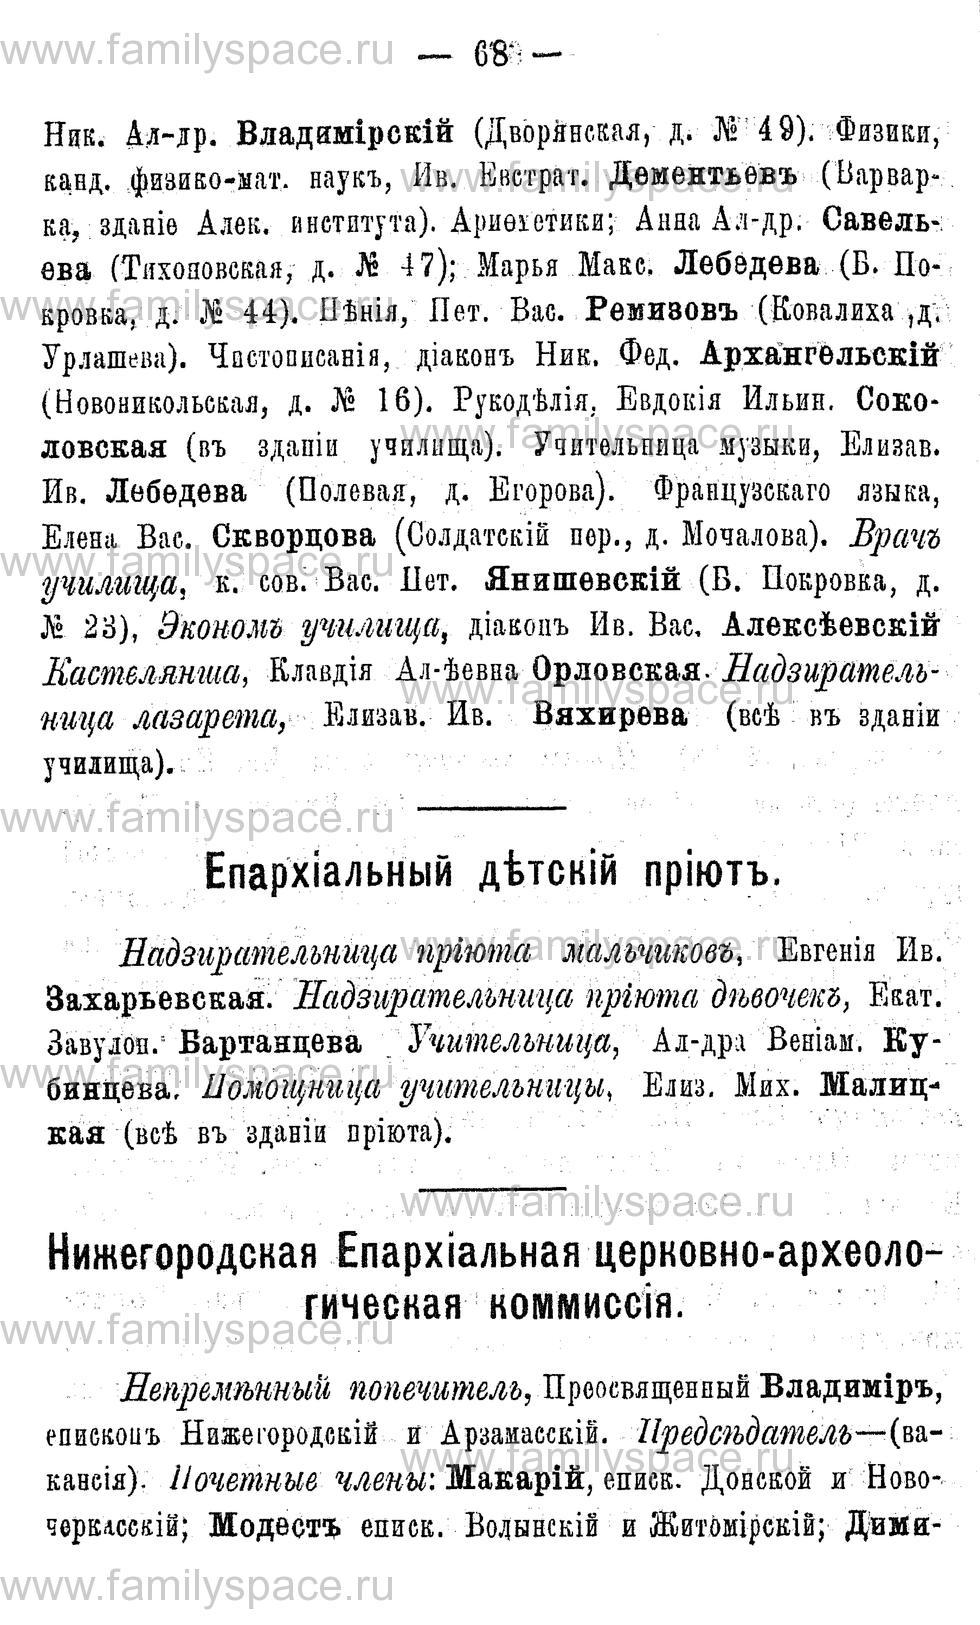 Поиск по фамилии - Адрес-календарь Нижегородской губернии на 1891 год, страница 68